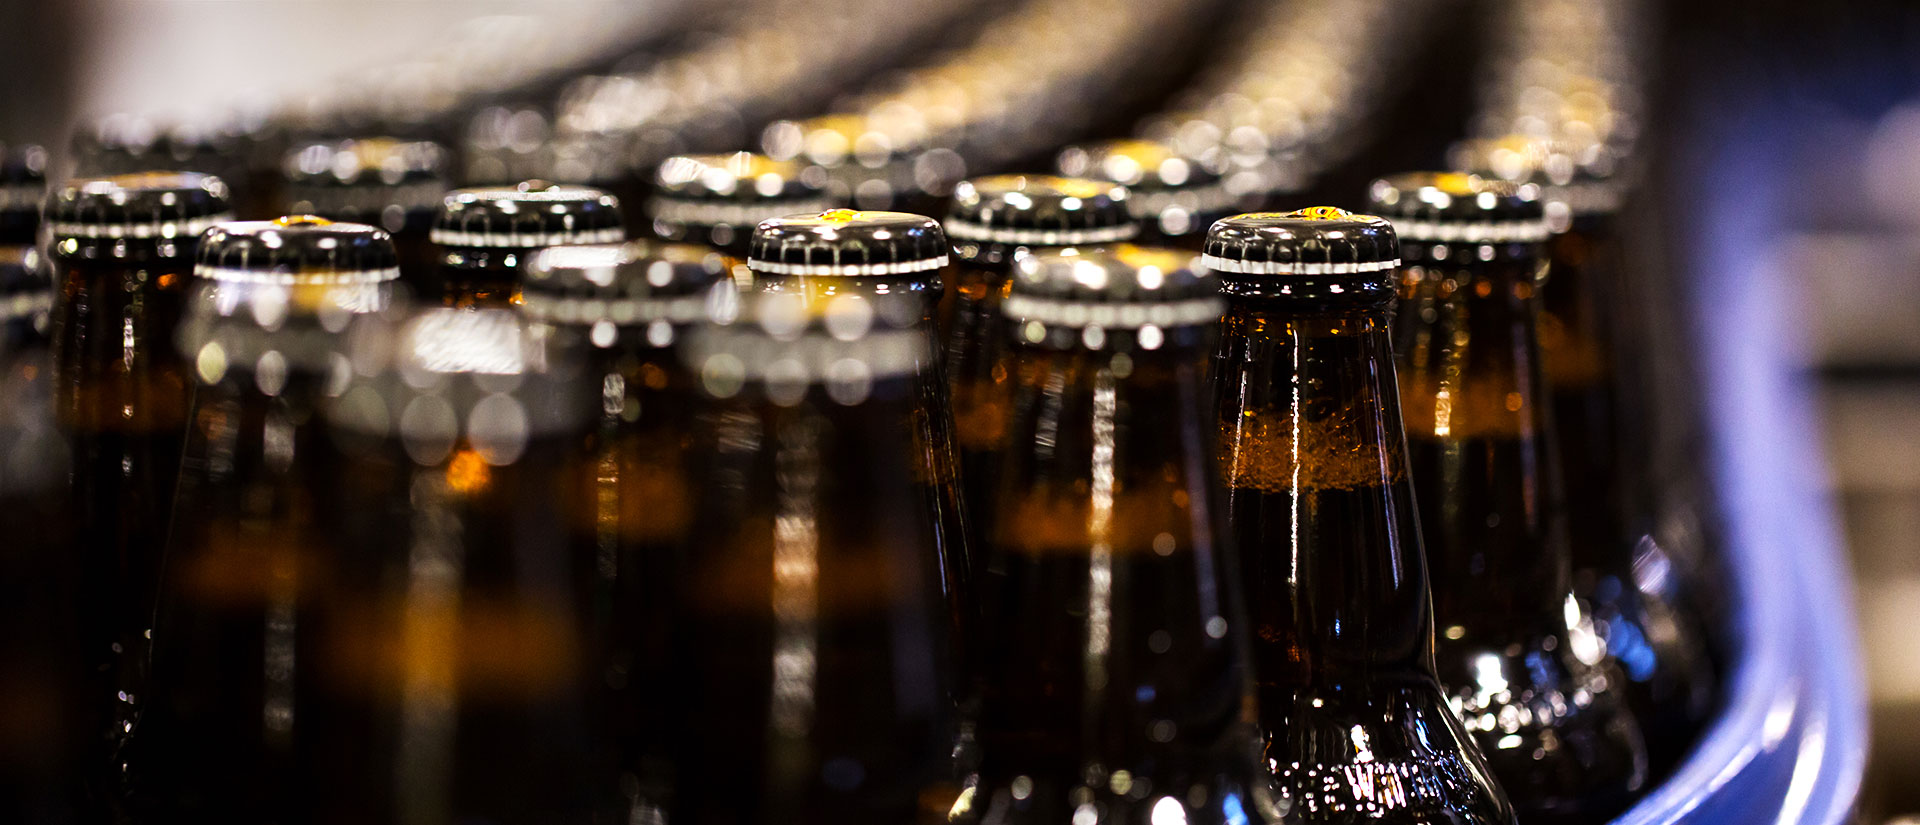 Founders Beer Bottles